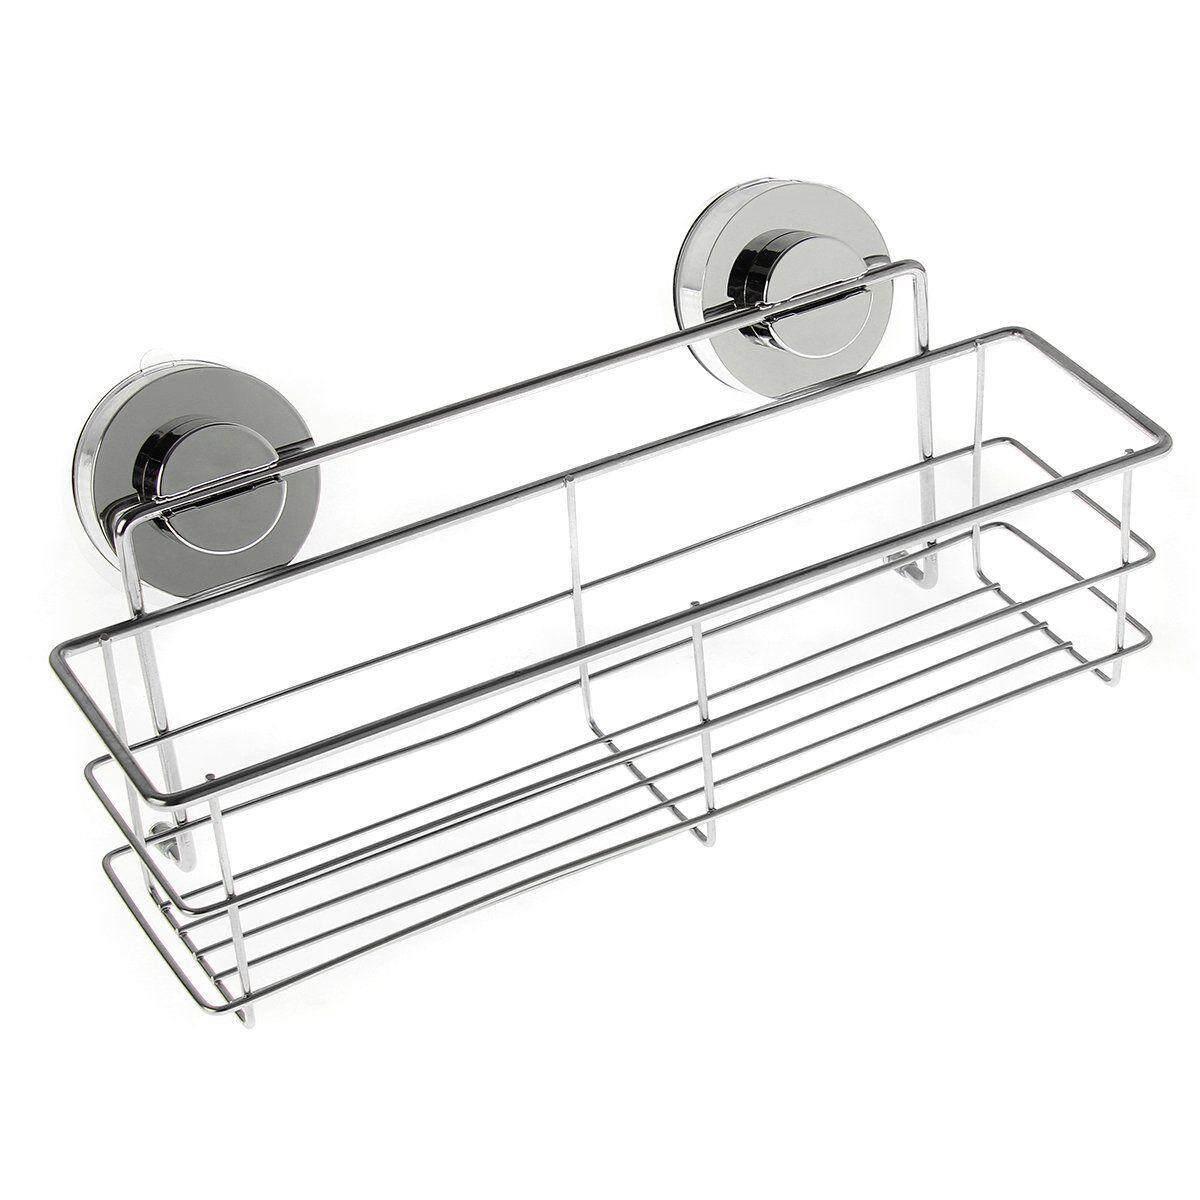 Storage Bins & Baskets Reasonable Storage Basket Organizer Suction Cup Mount Kitchen Bathroom Shower Caddy Shelf